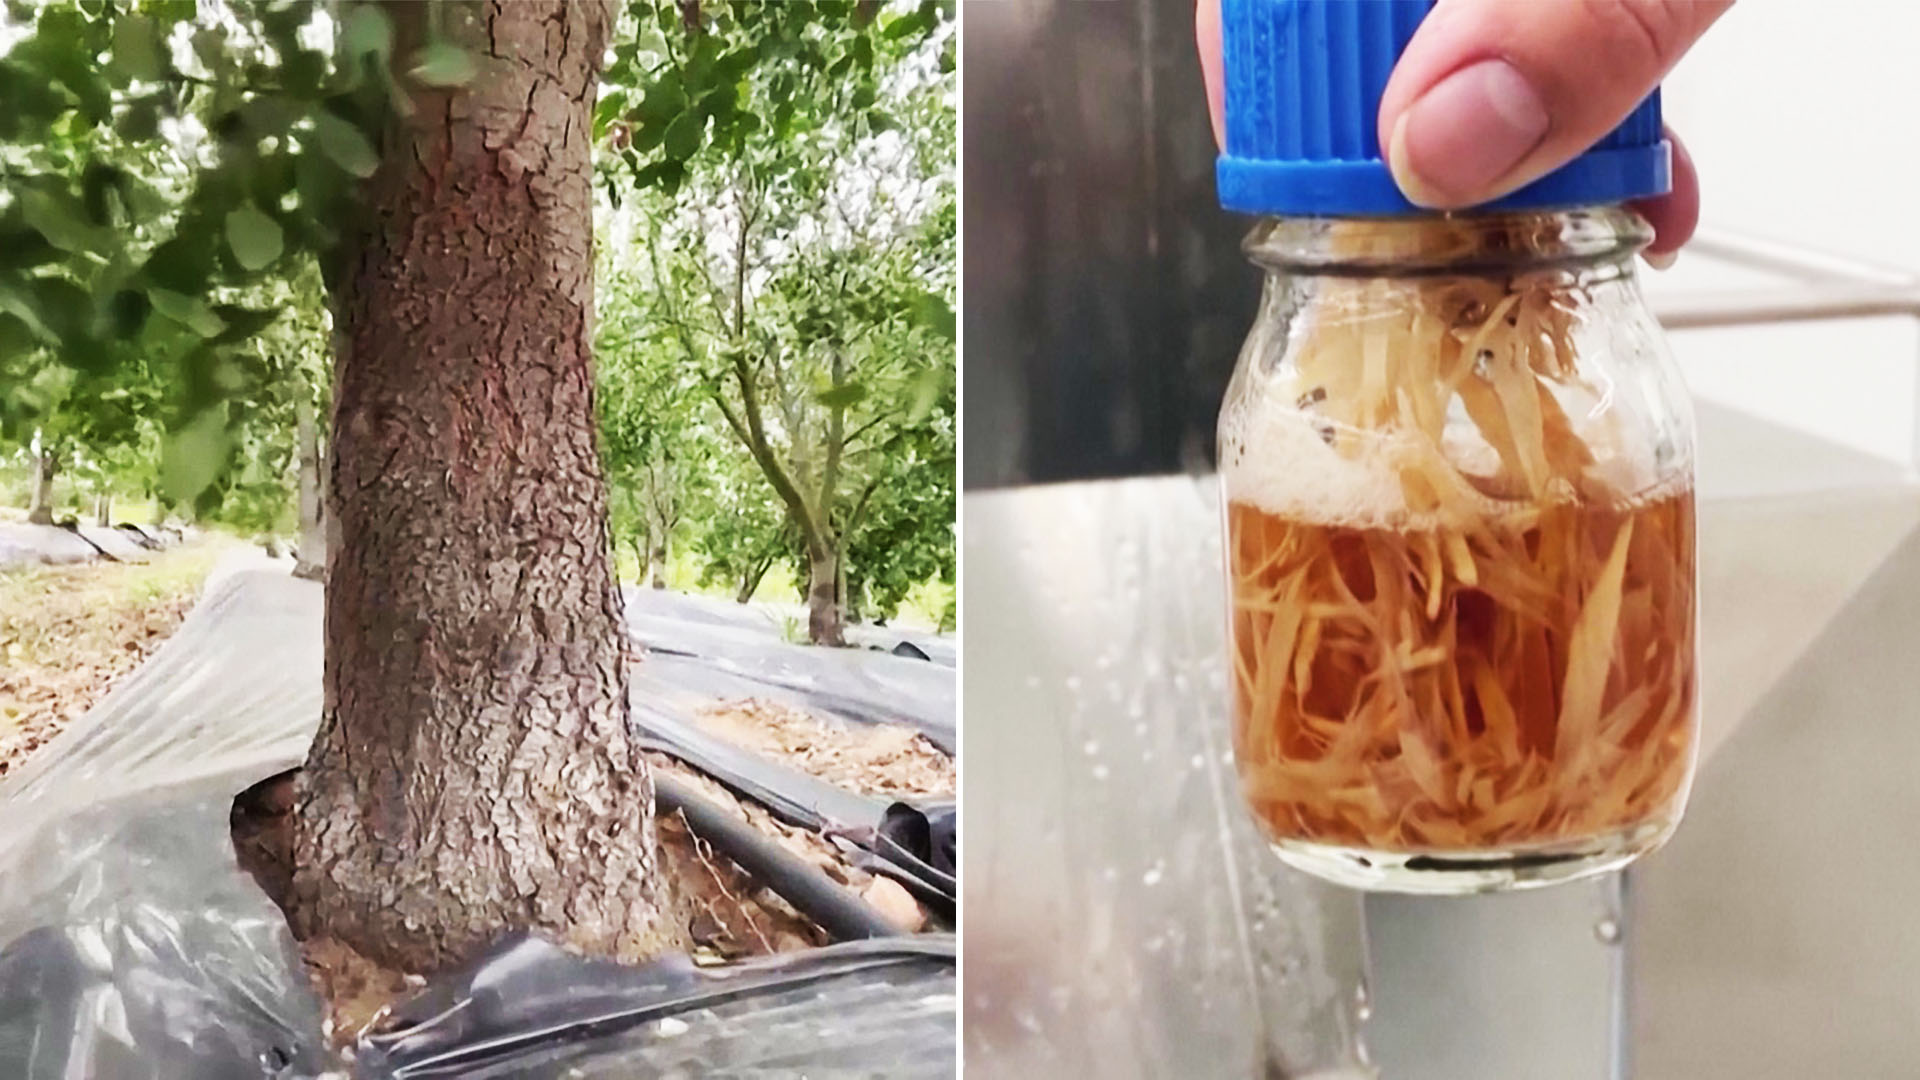 Вакцина из деревьев: где выращивают уникальное средство защиты от COVID